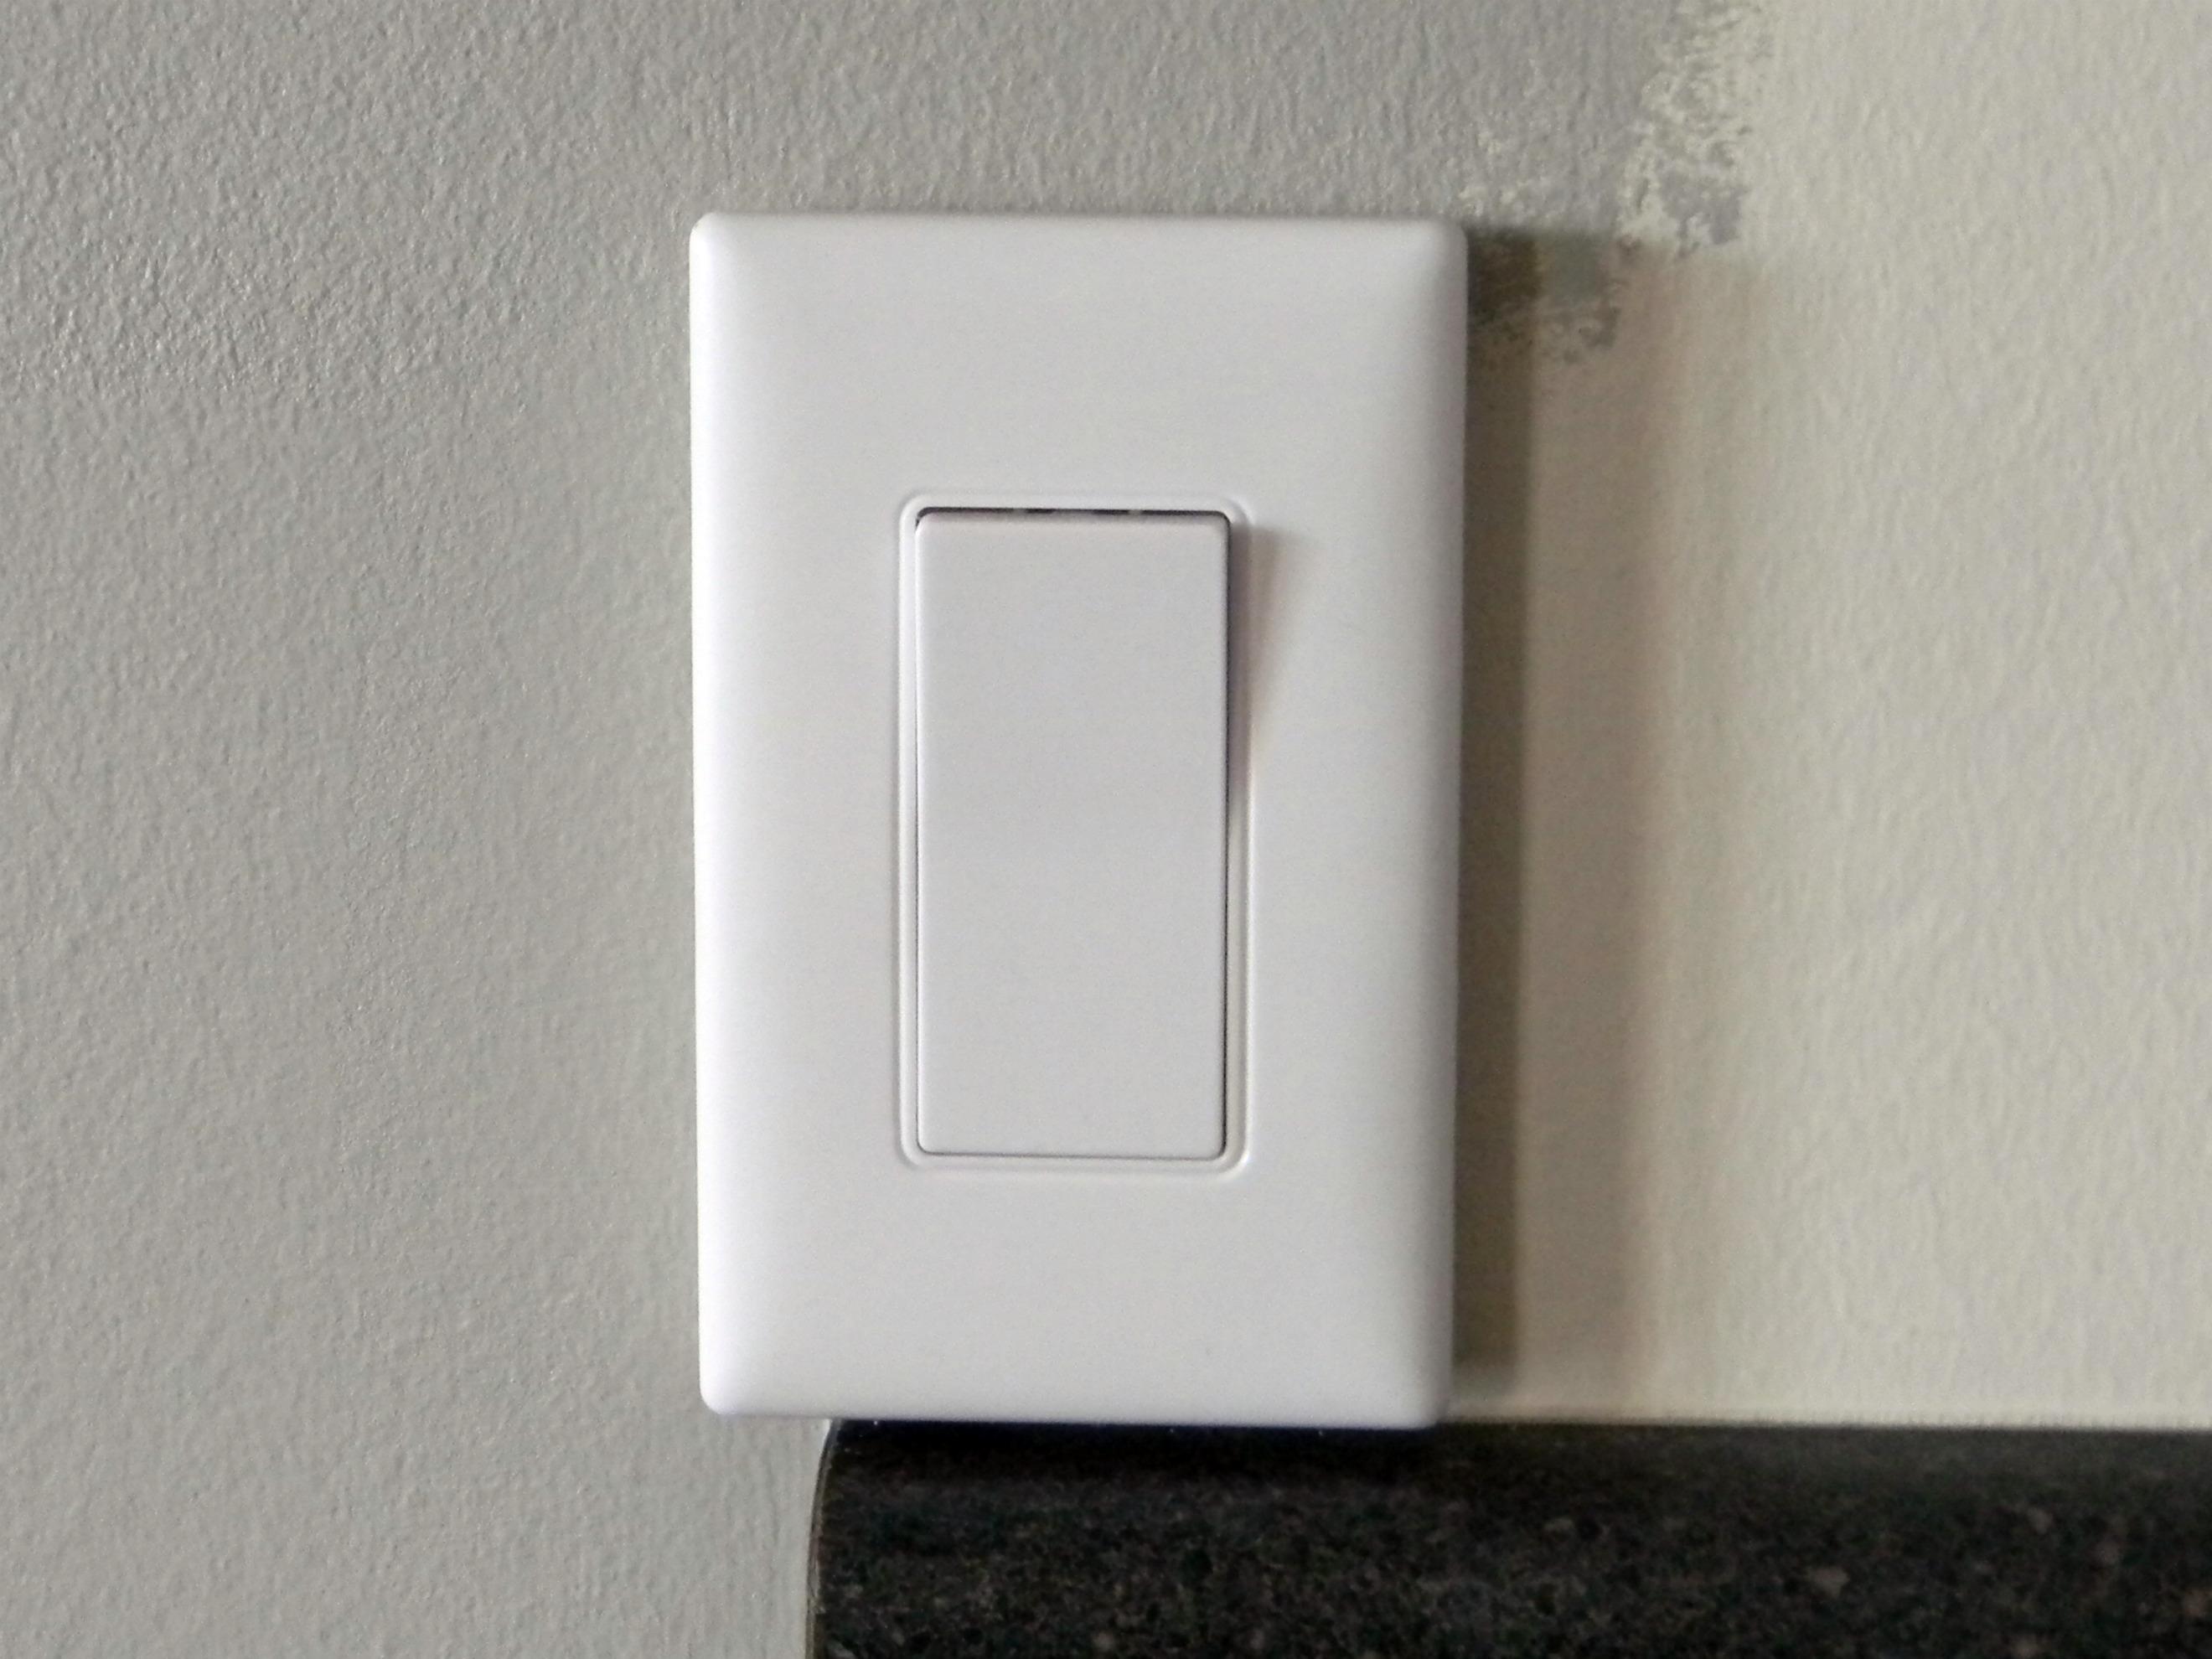 under cabinet light switch. Black Bedroom Furniture Sets. Home Design Ideas